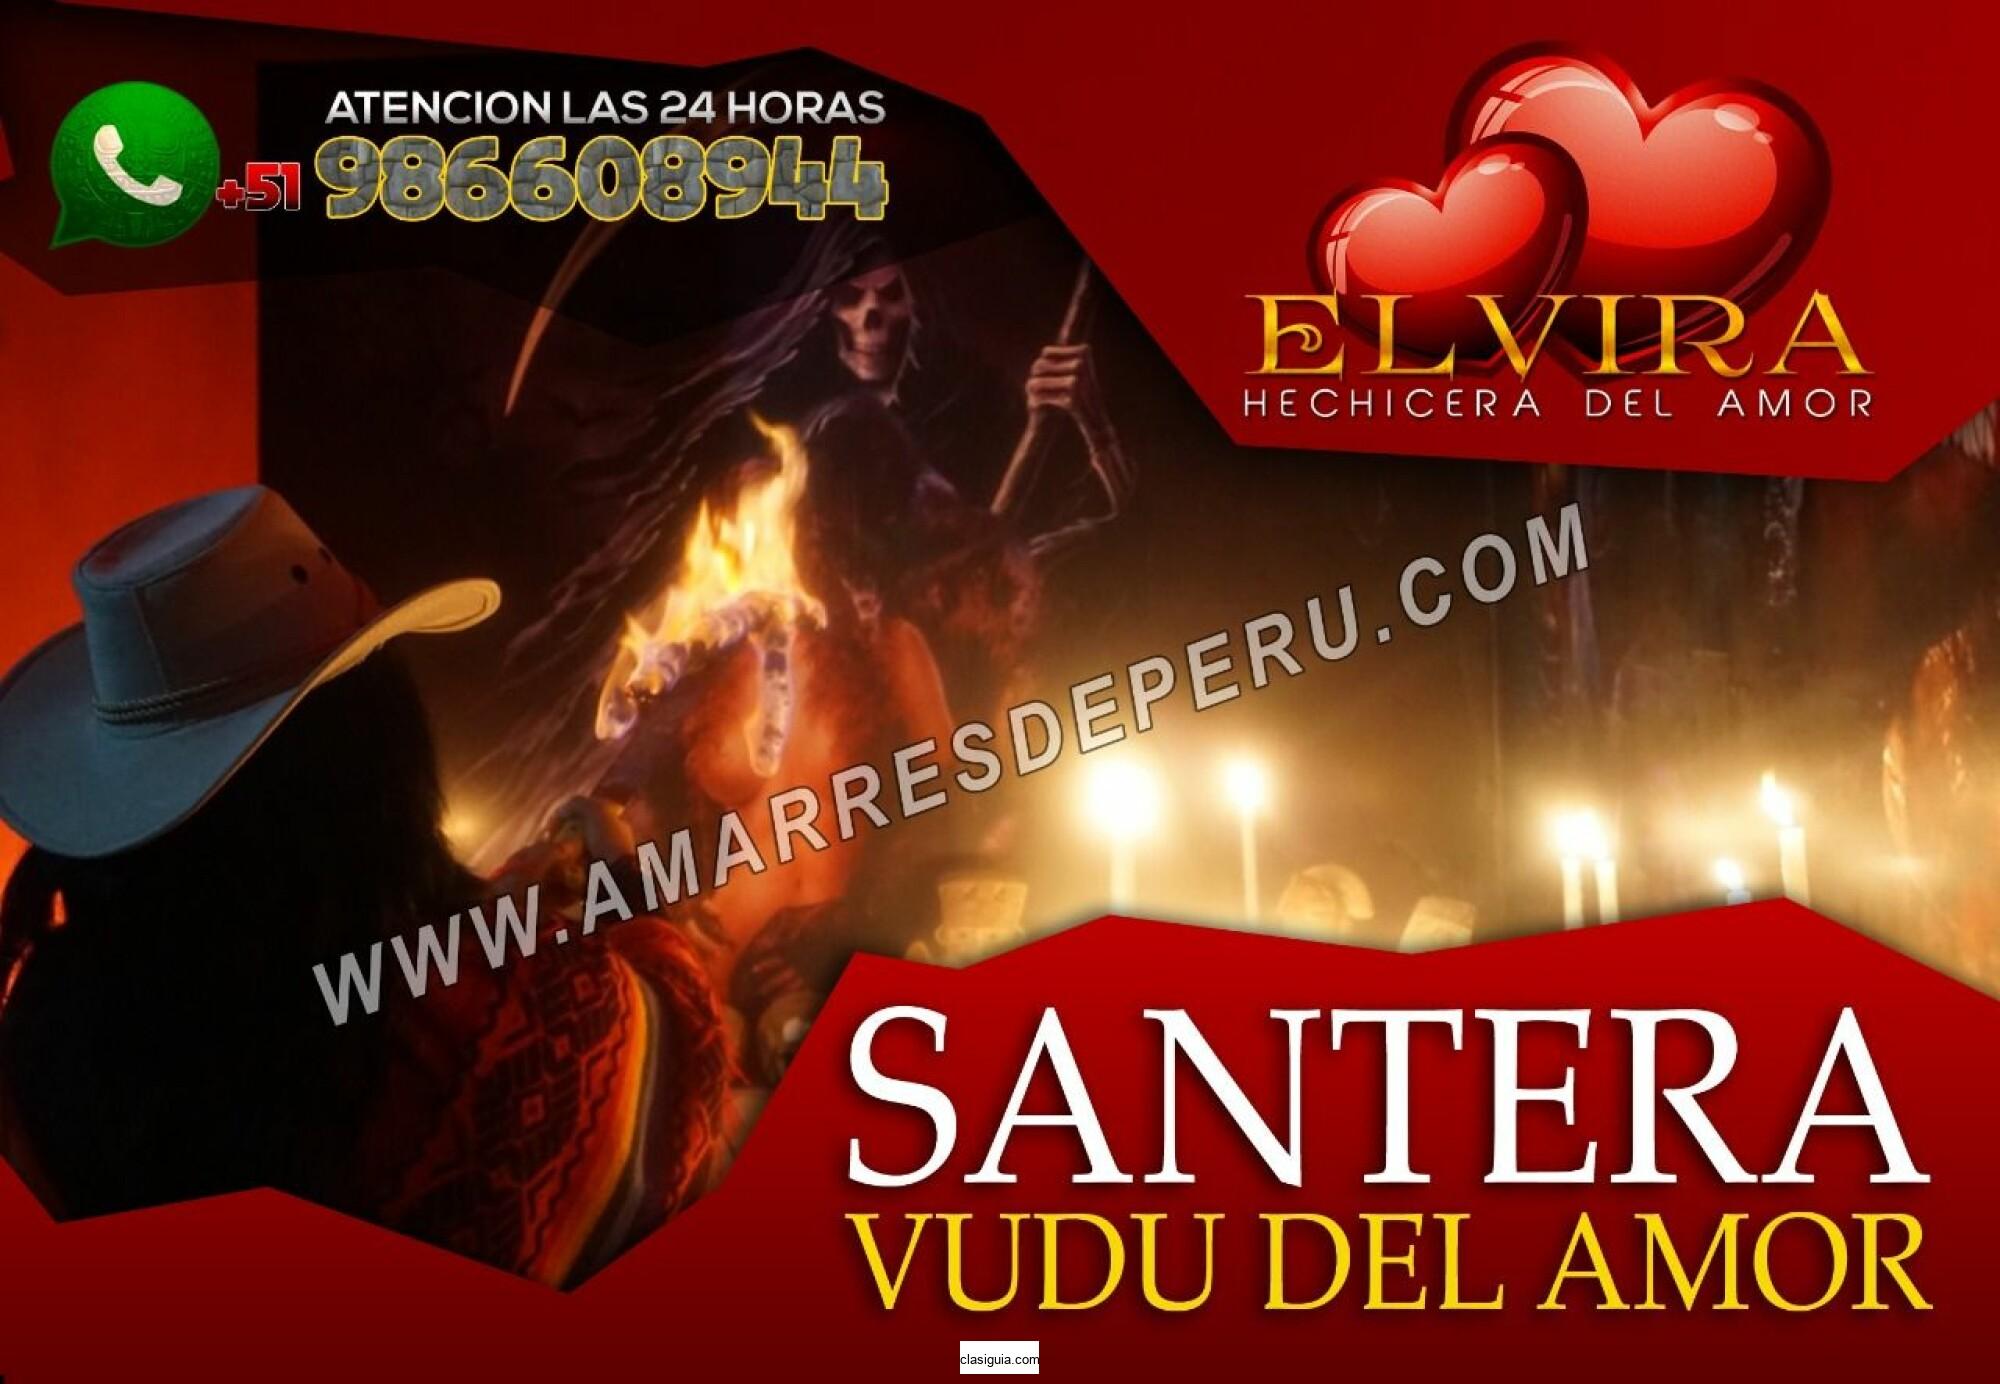 HECHICERA VUDU ELVIRA EN BOLIVIA 986608944